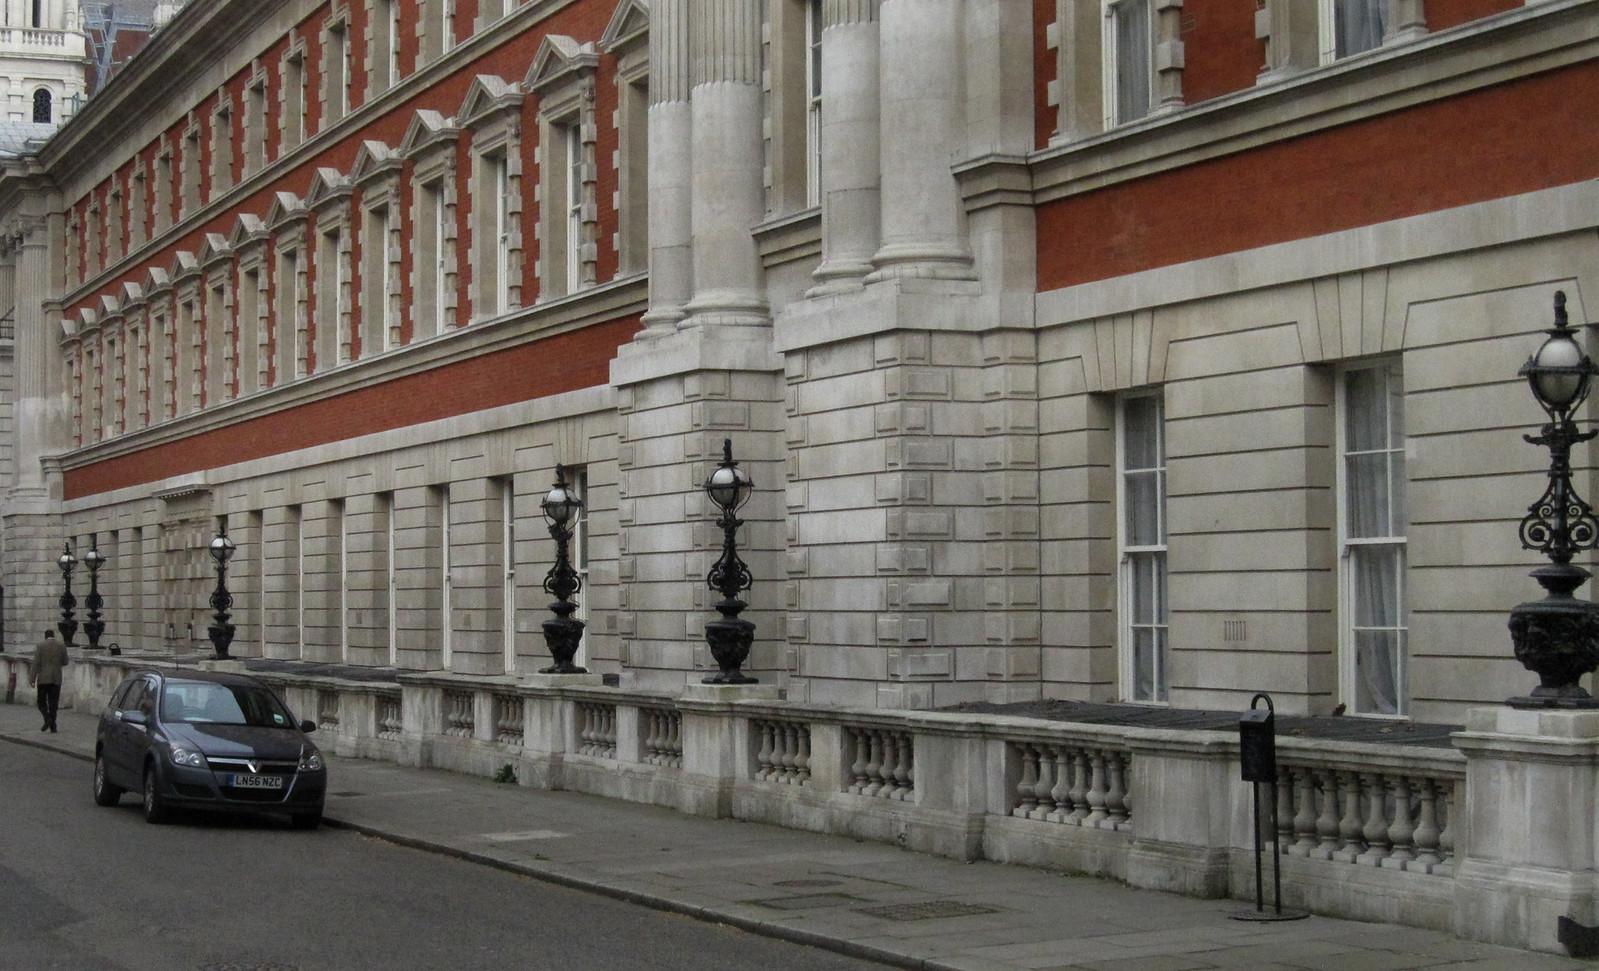 London 256